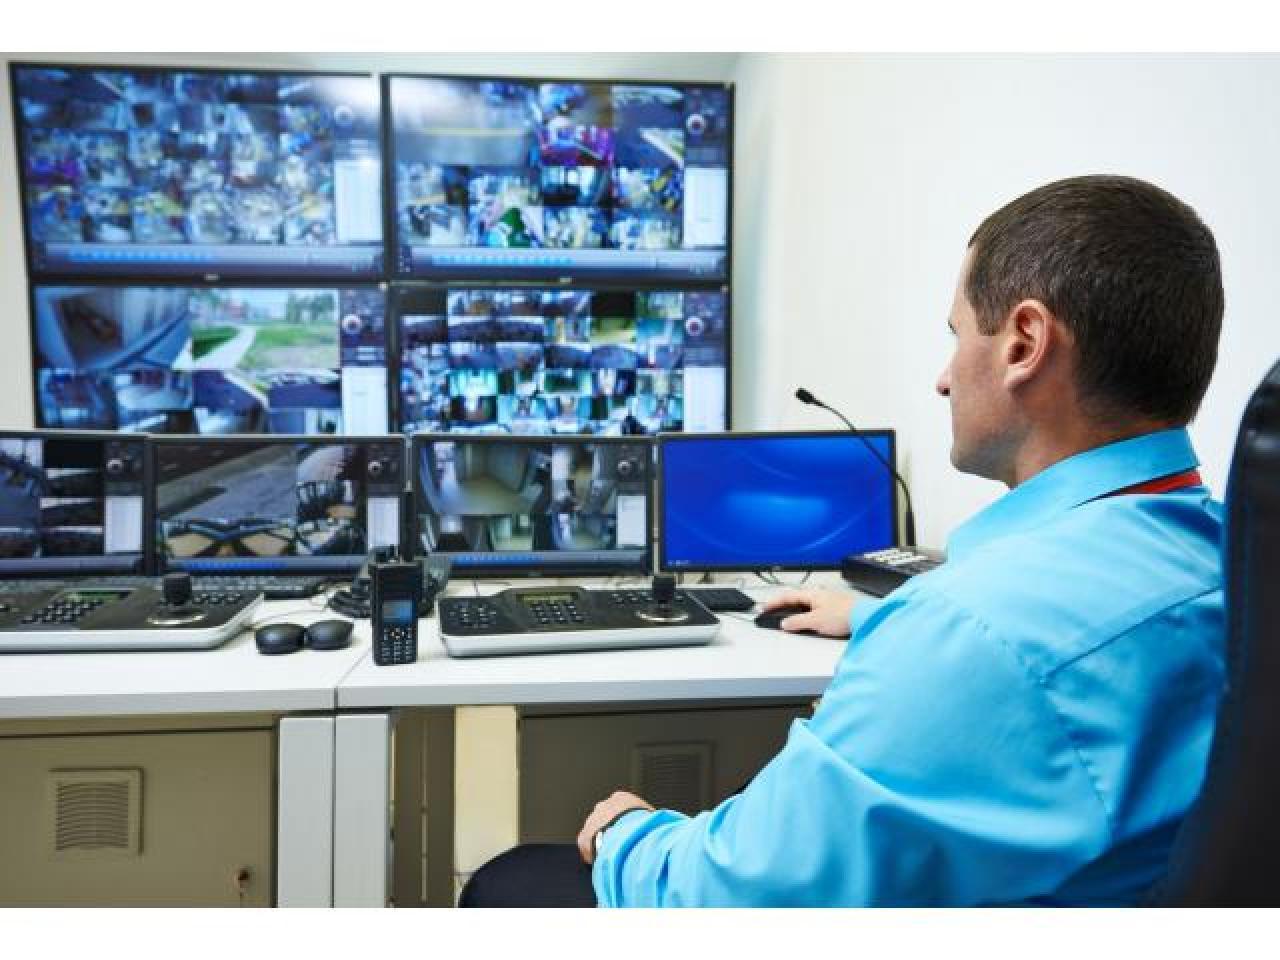 Оператор видеонаблюдения CCTV SIA LICENCE COURSE - 1